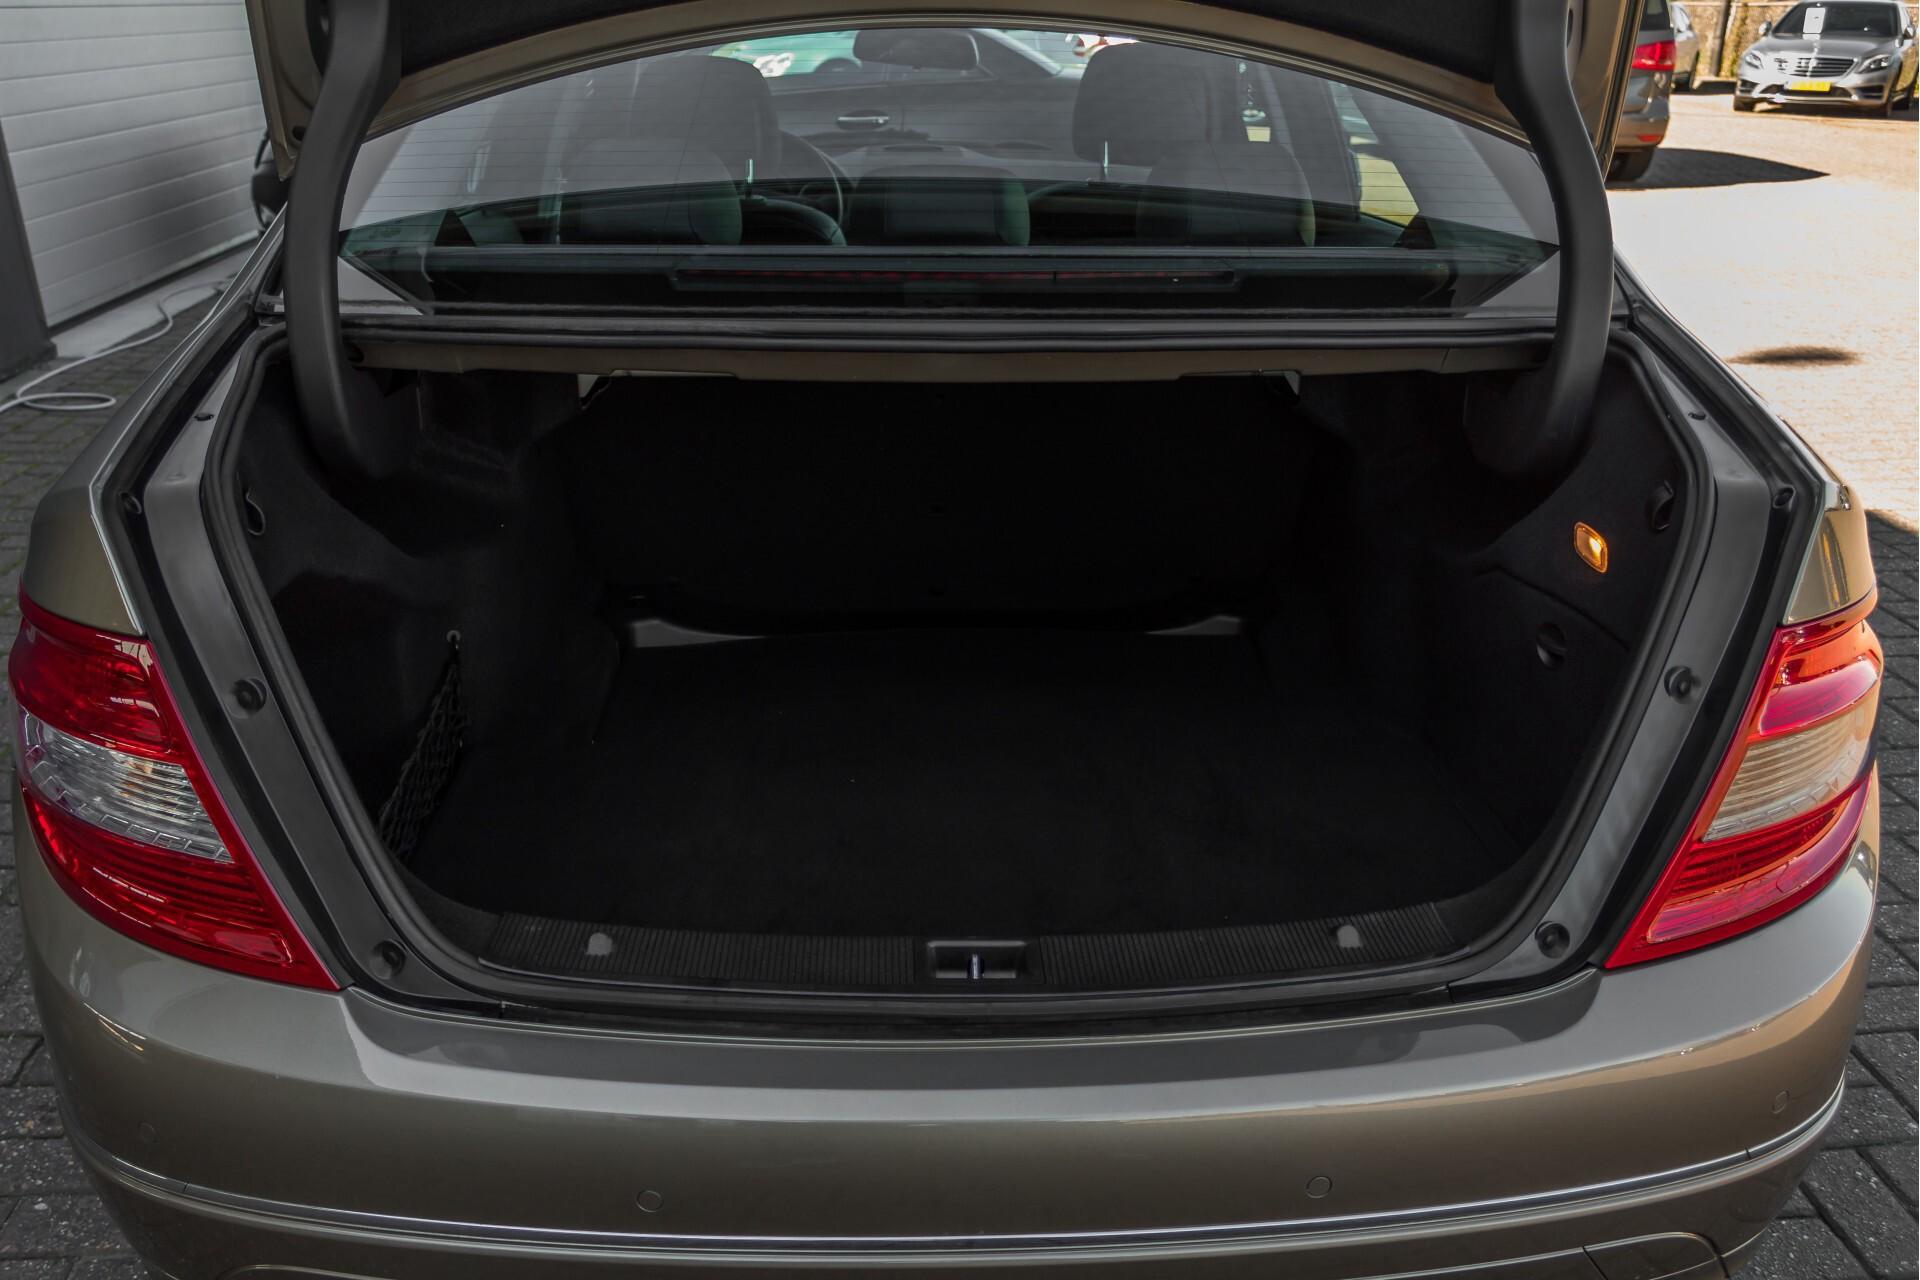 Mercedes-Benz C-Klasse 180 K Avantgarde 1ste eigenaar/NL geleverd/Dealer onderhouden/Volledig gedocumenteerd Foto 32